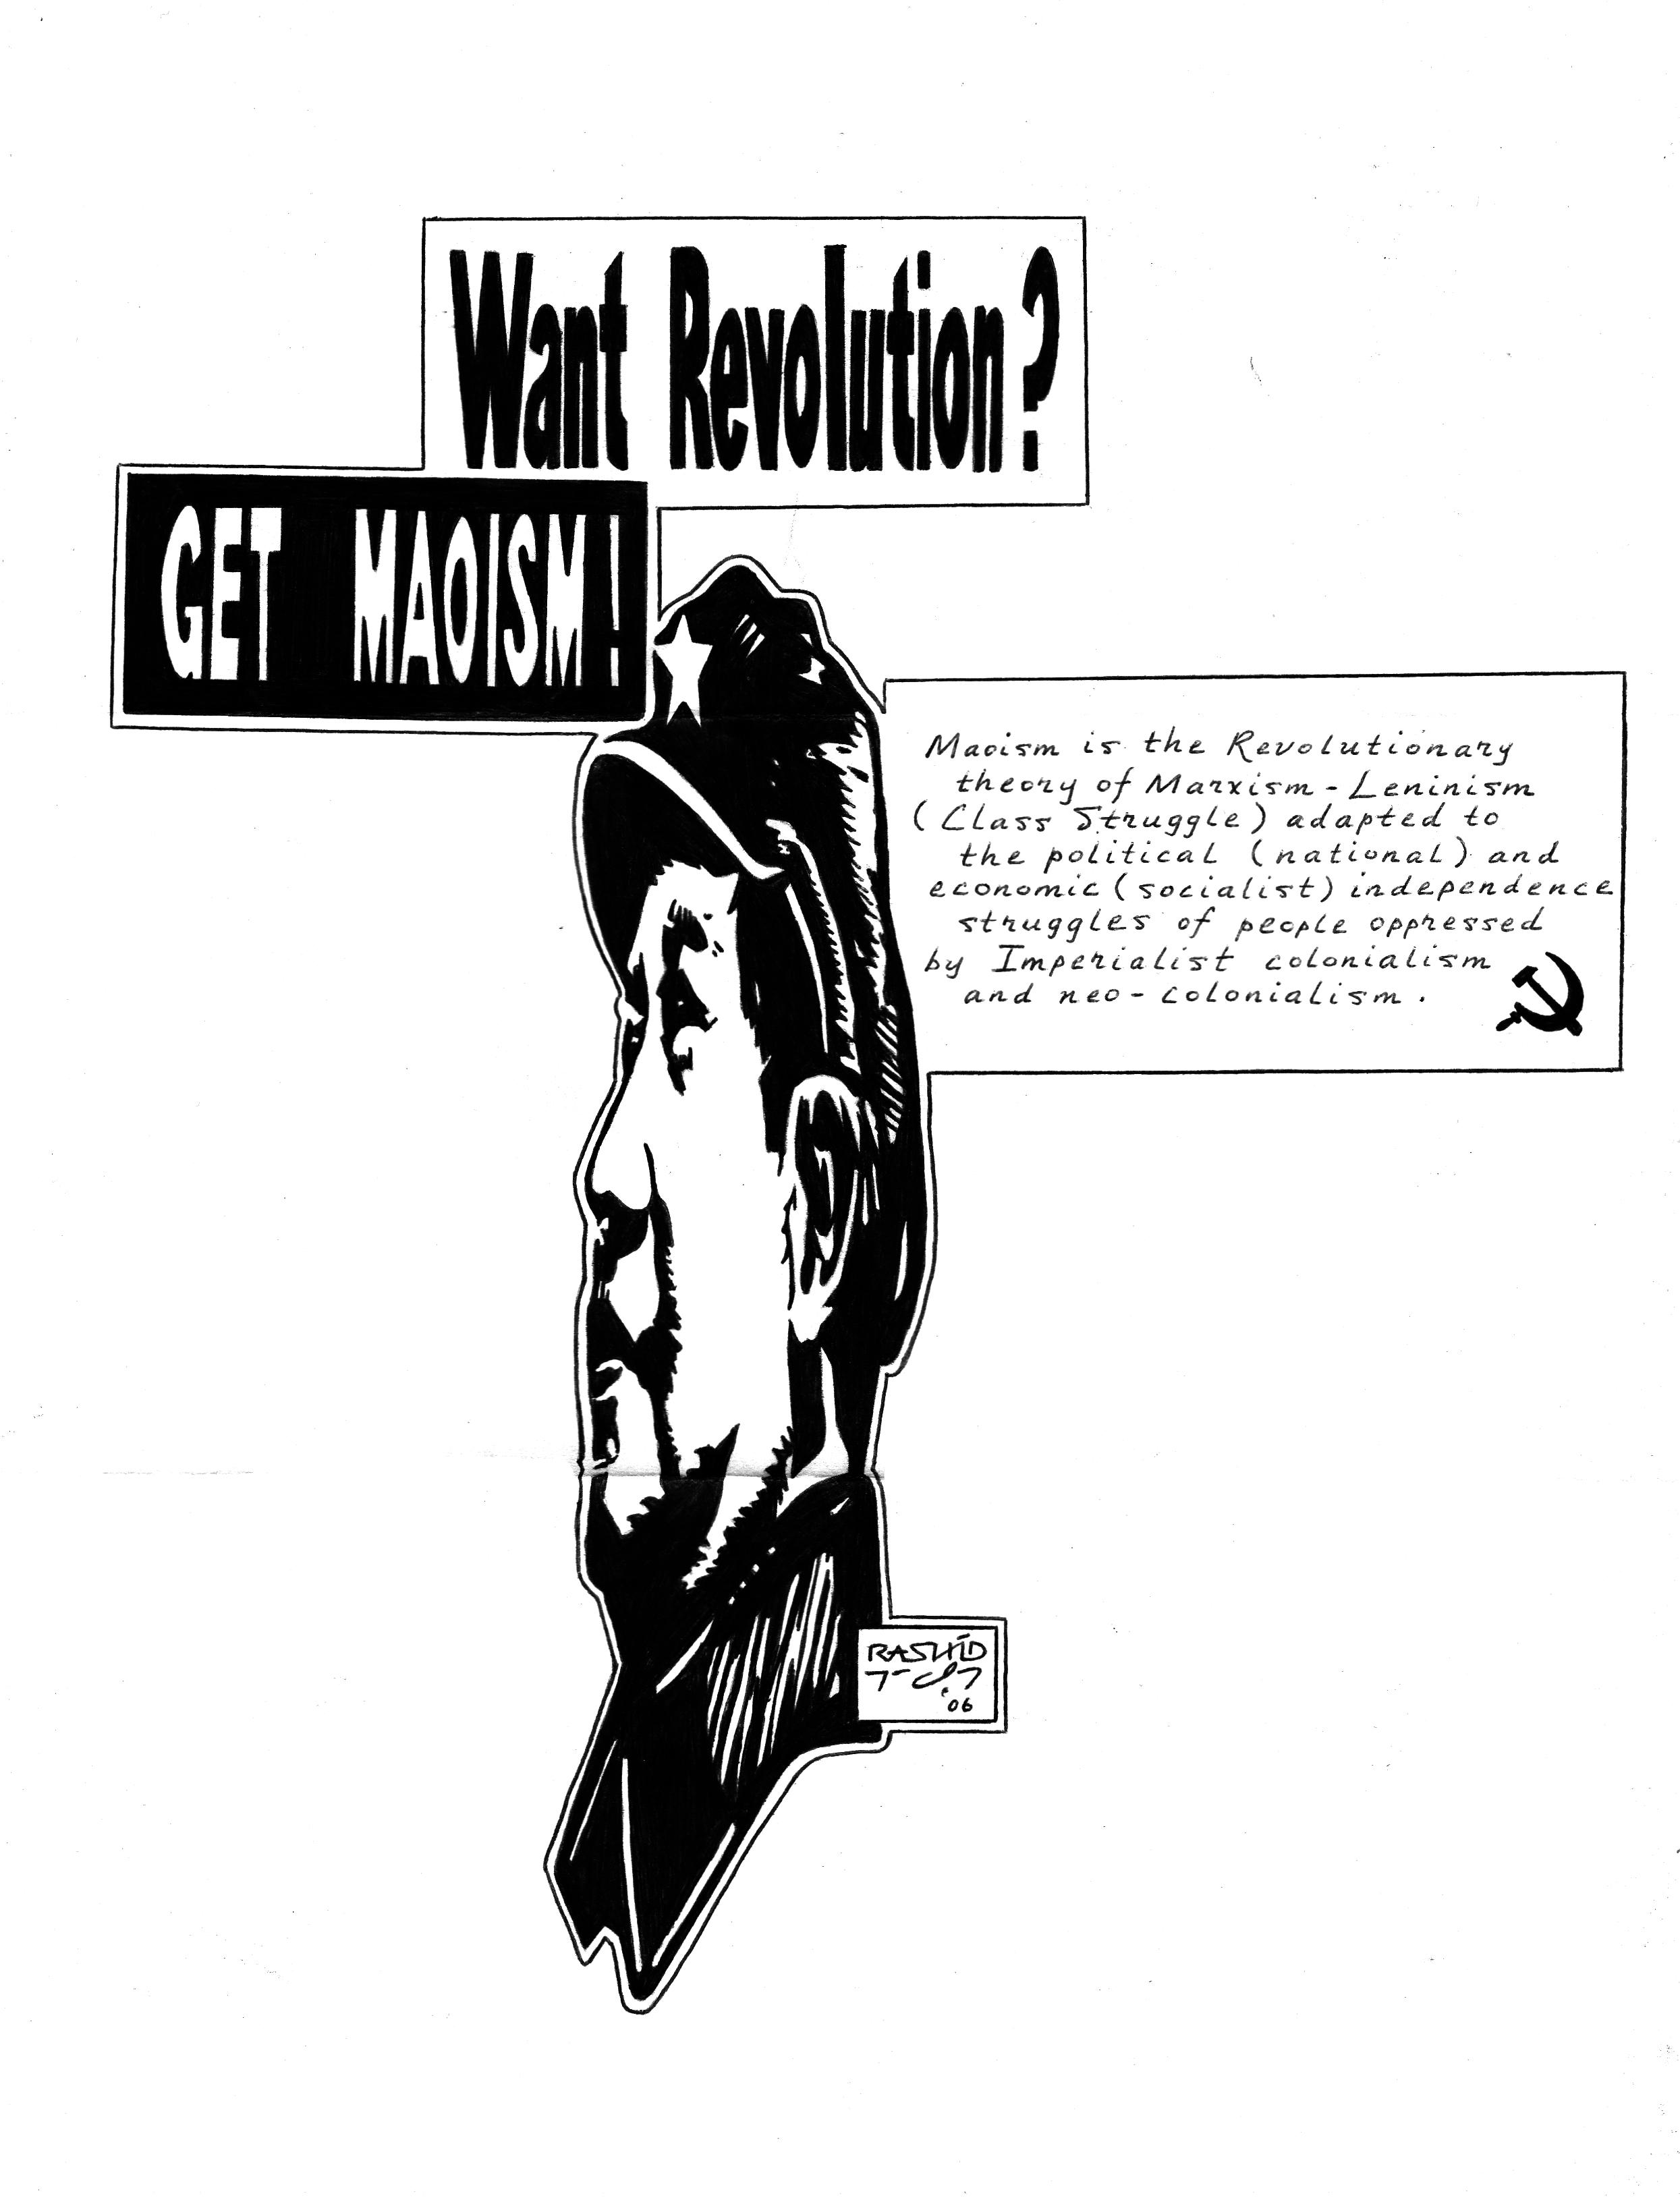 Get Maoism!